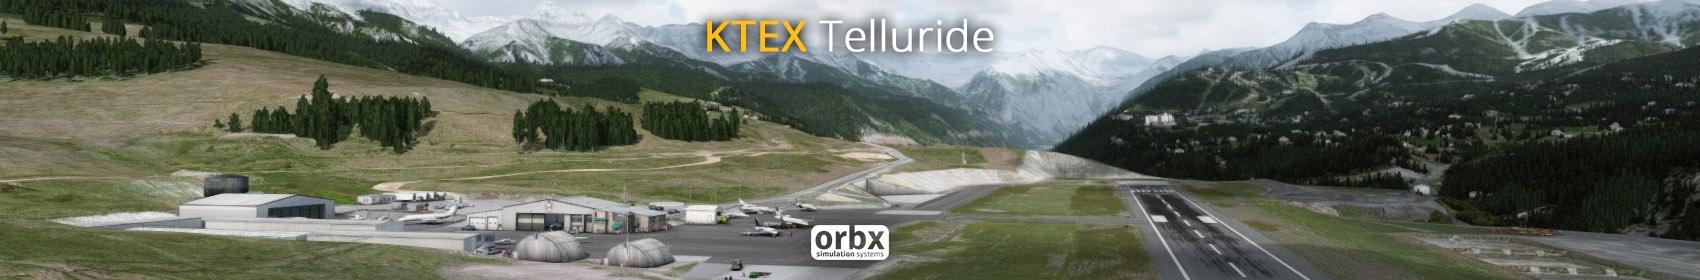 KTEX_Forum_Banner_LM